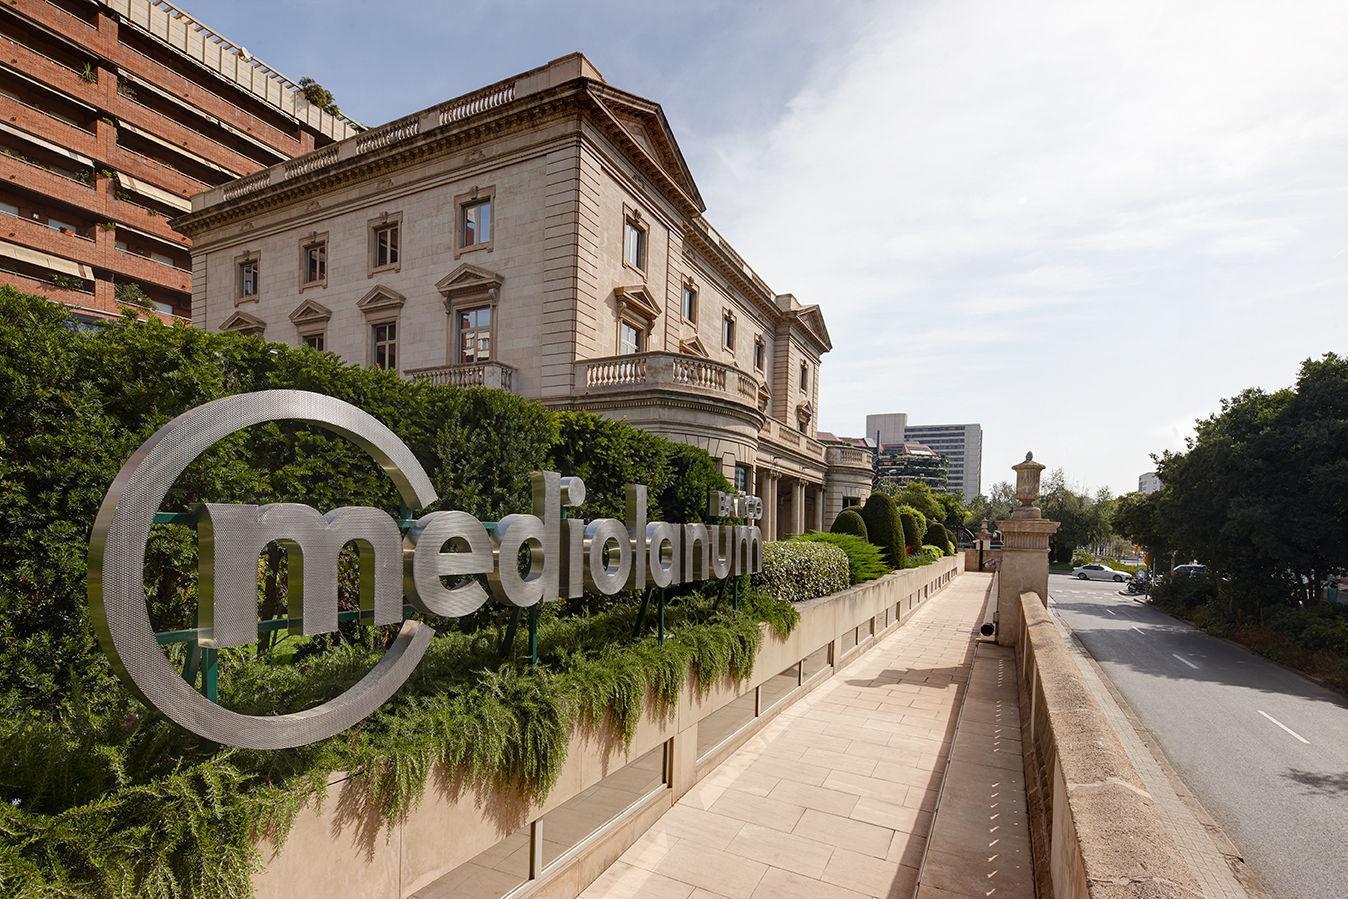 Banco_Mediolanum_imagen_BC